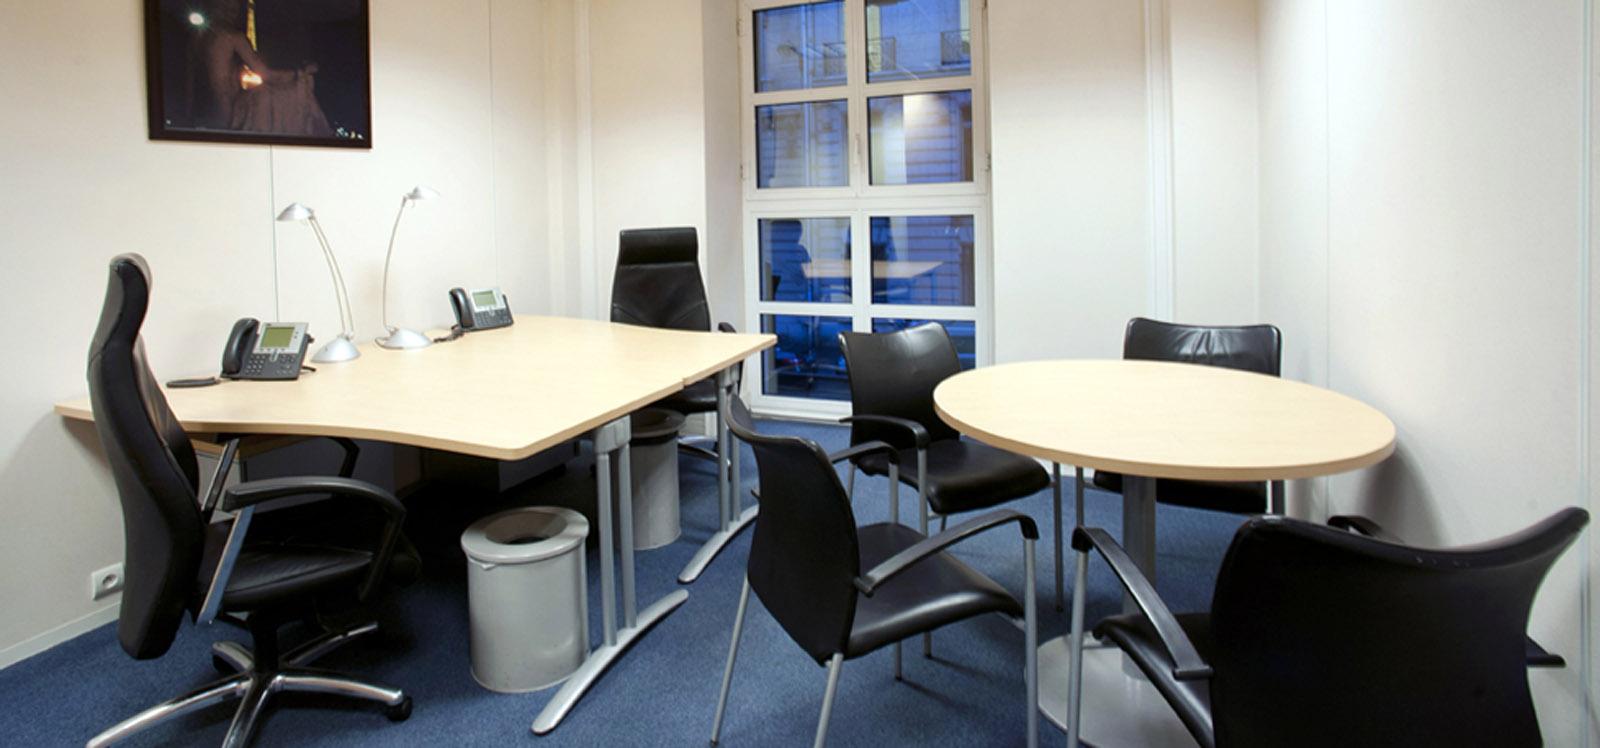 bureau à louer à Paris avec deux postes de travail et une petite table de meeting  dans un espace au mobilier de bureau minimaliste équipé d'une large fenêtre